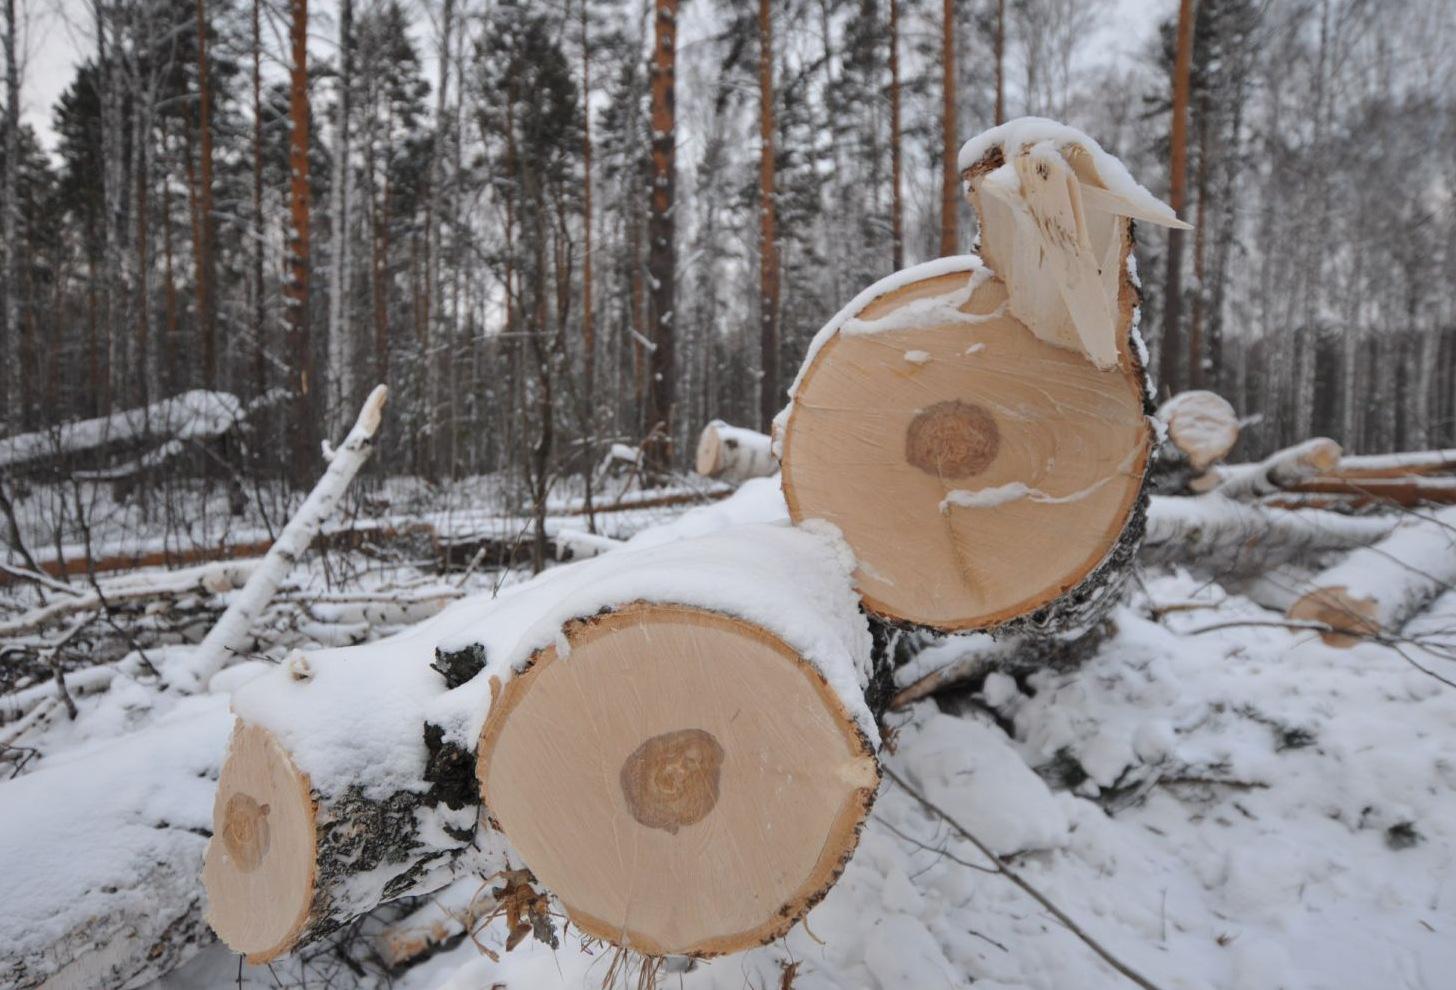 ОНФ в два раза сократил вырубку леса в Вологодской области